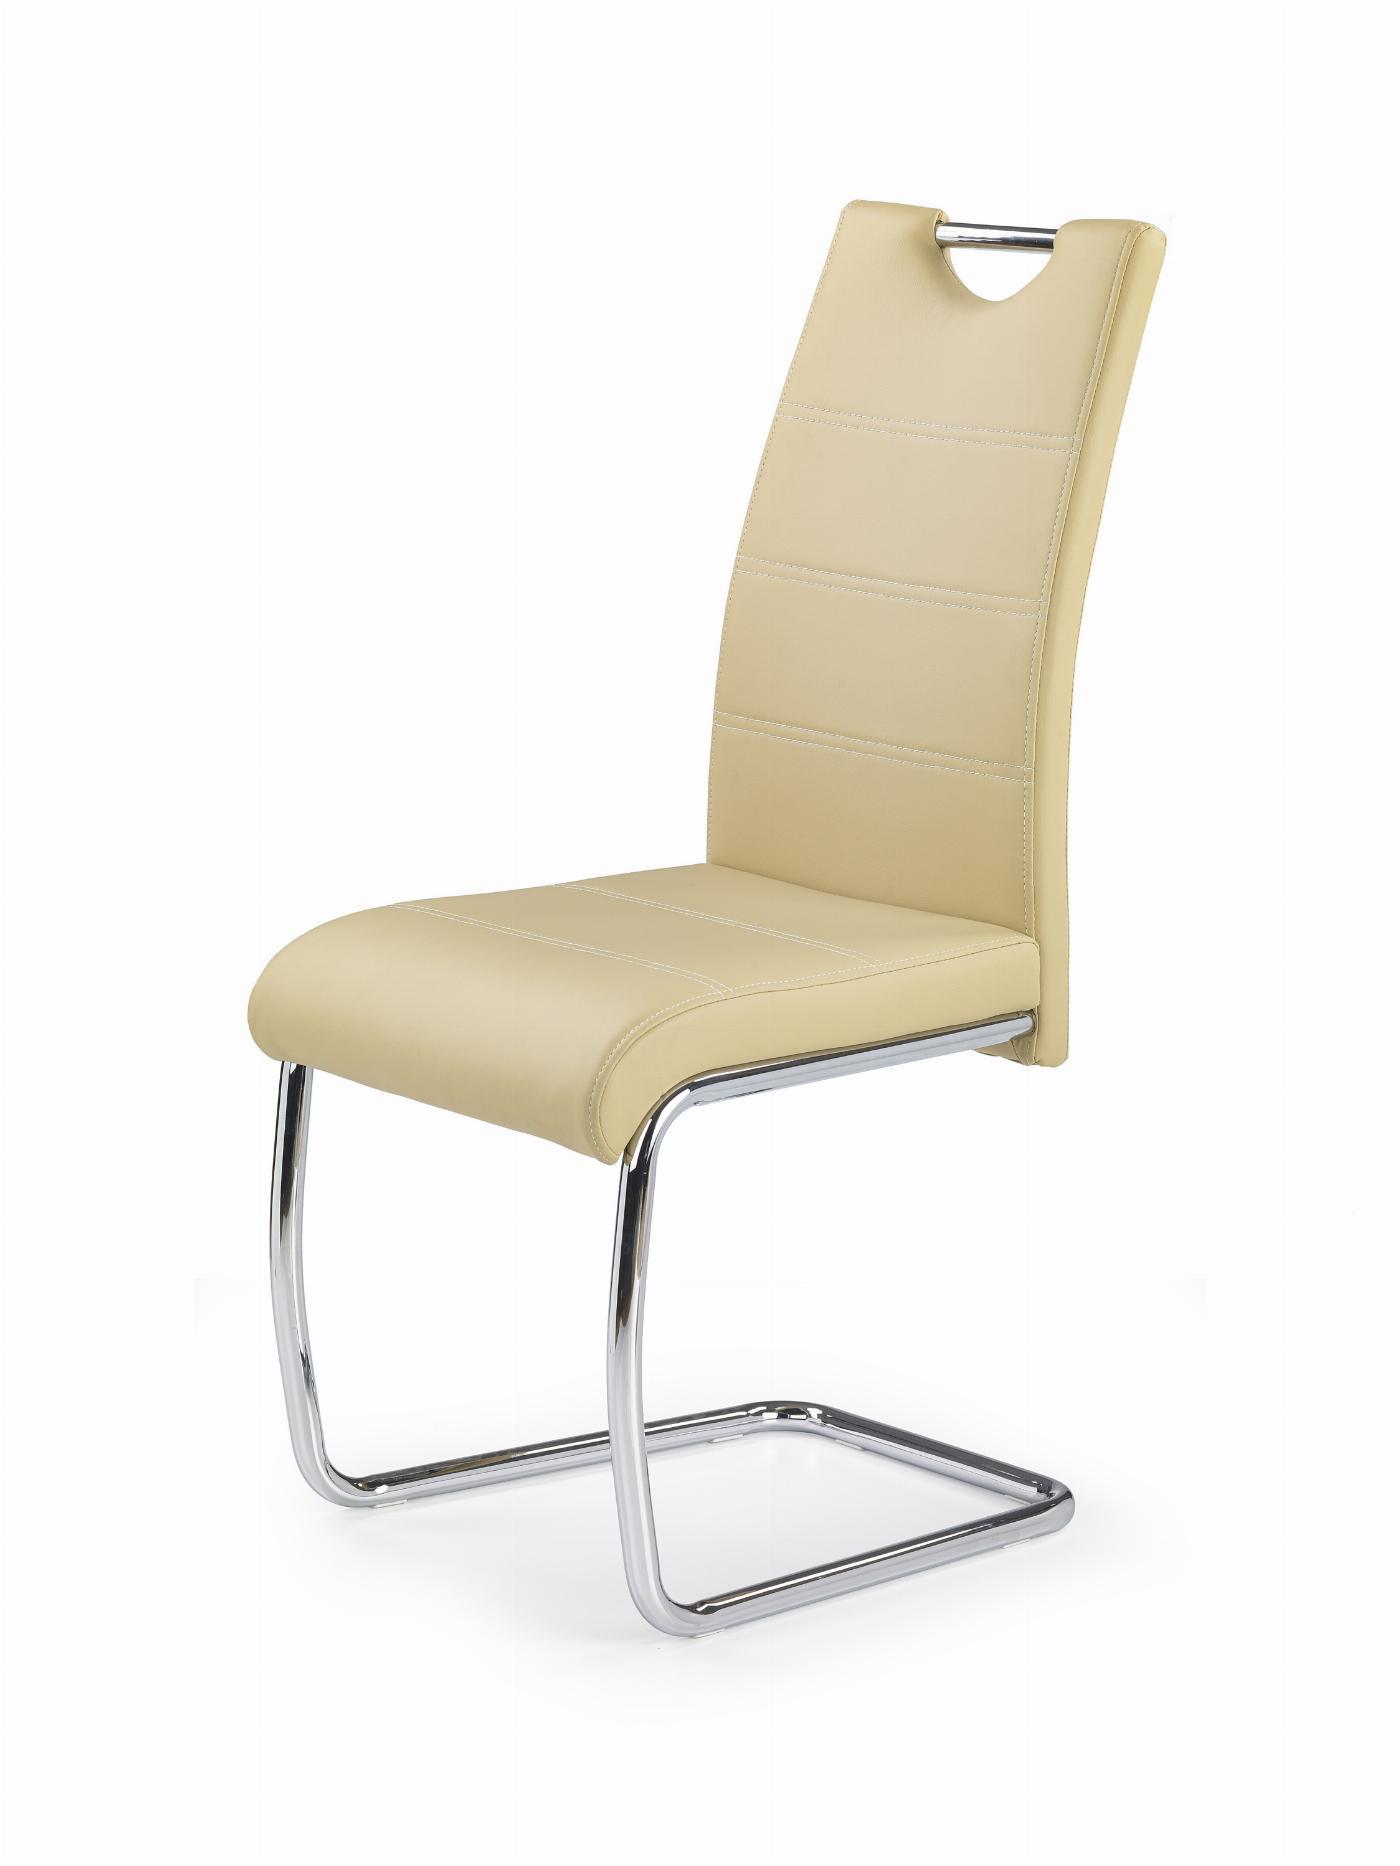 K211 krzesło beżowy (2p=4szt)